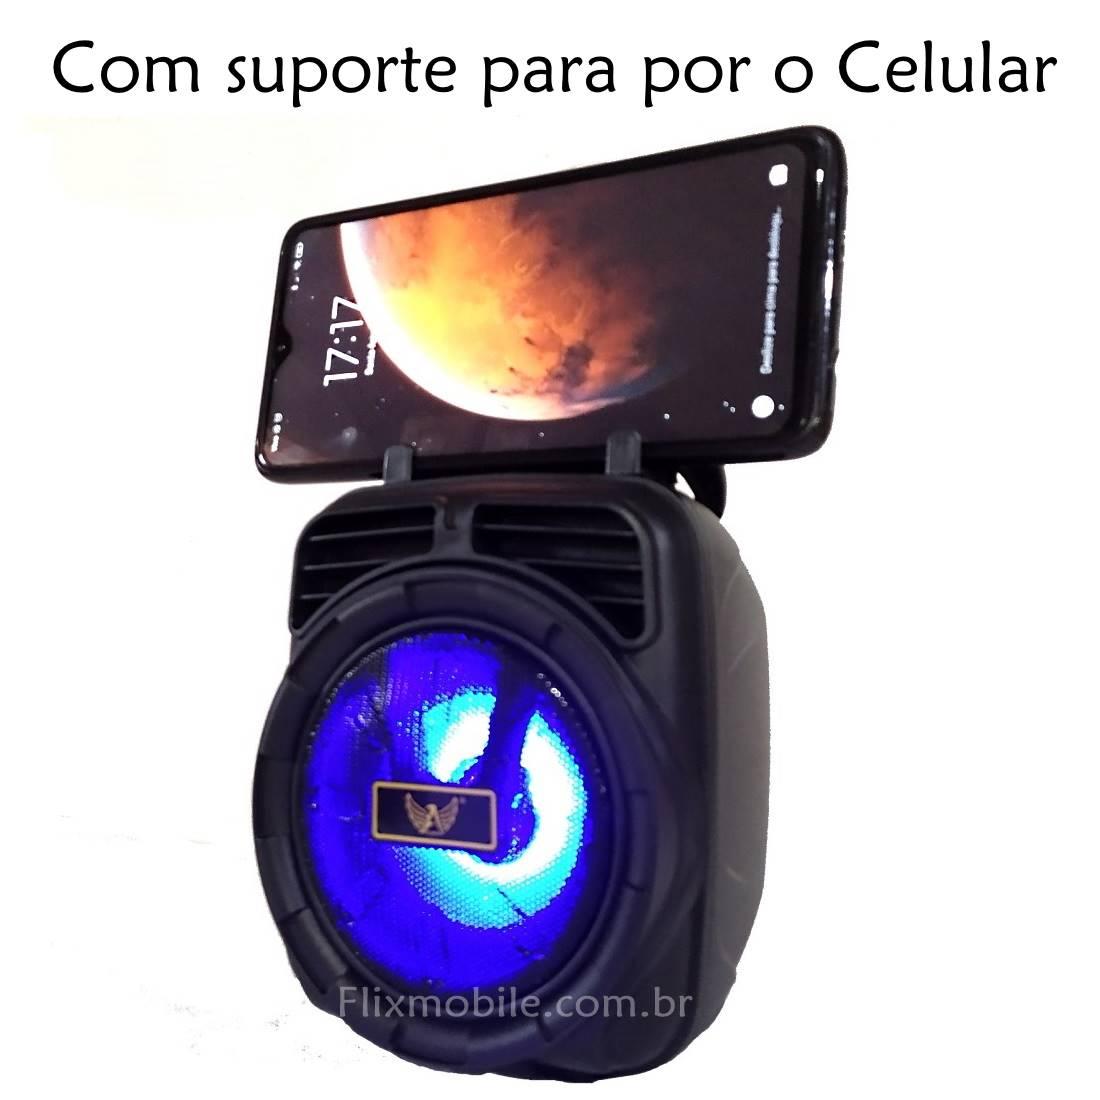 Caixa Som Portátil Sem fio Hifi FM USB com LEDs Preta